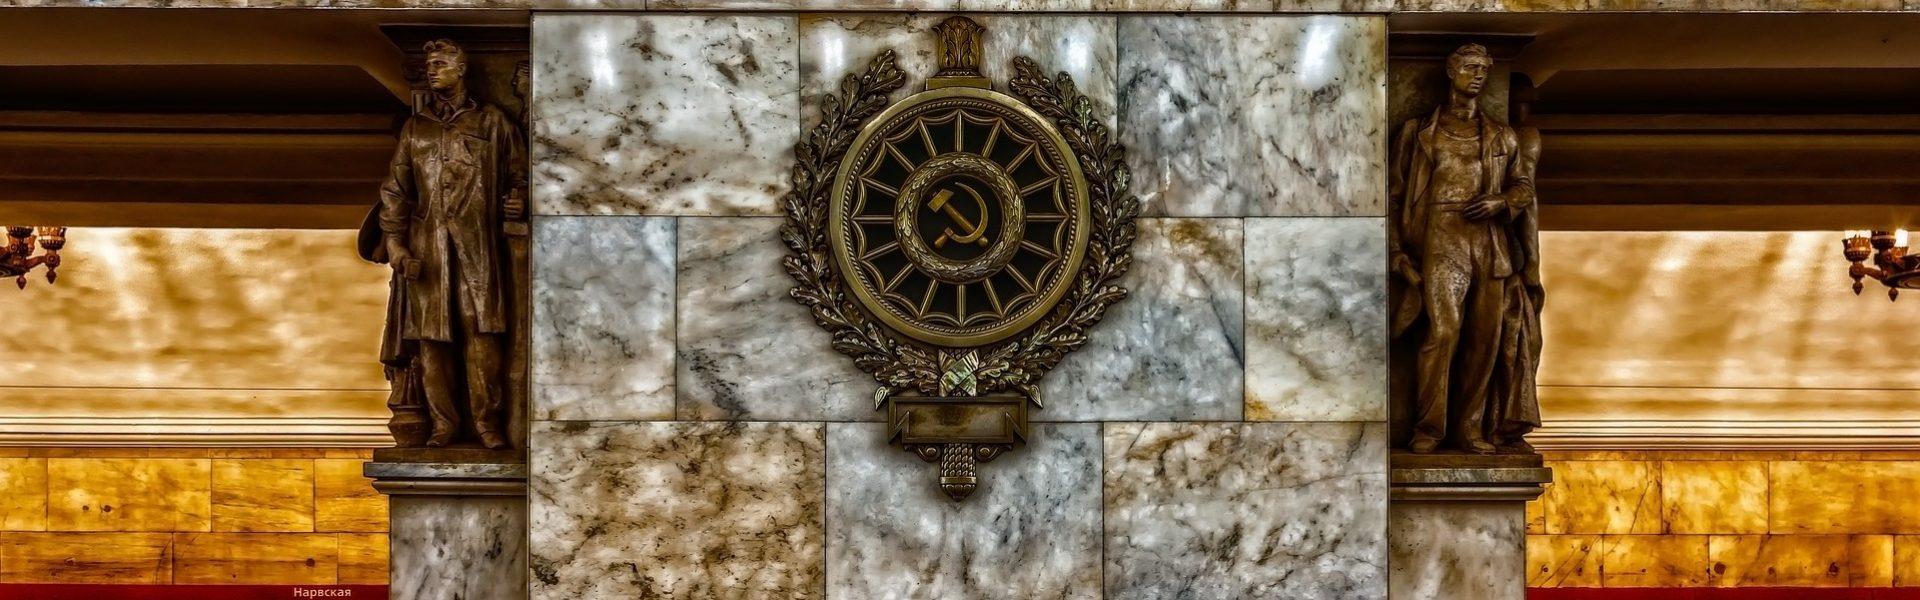 le panorama du métro de Saint-Pétersbourg